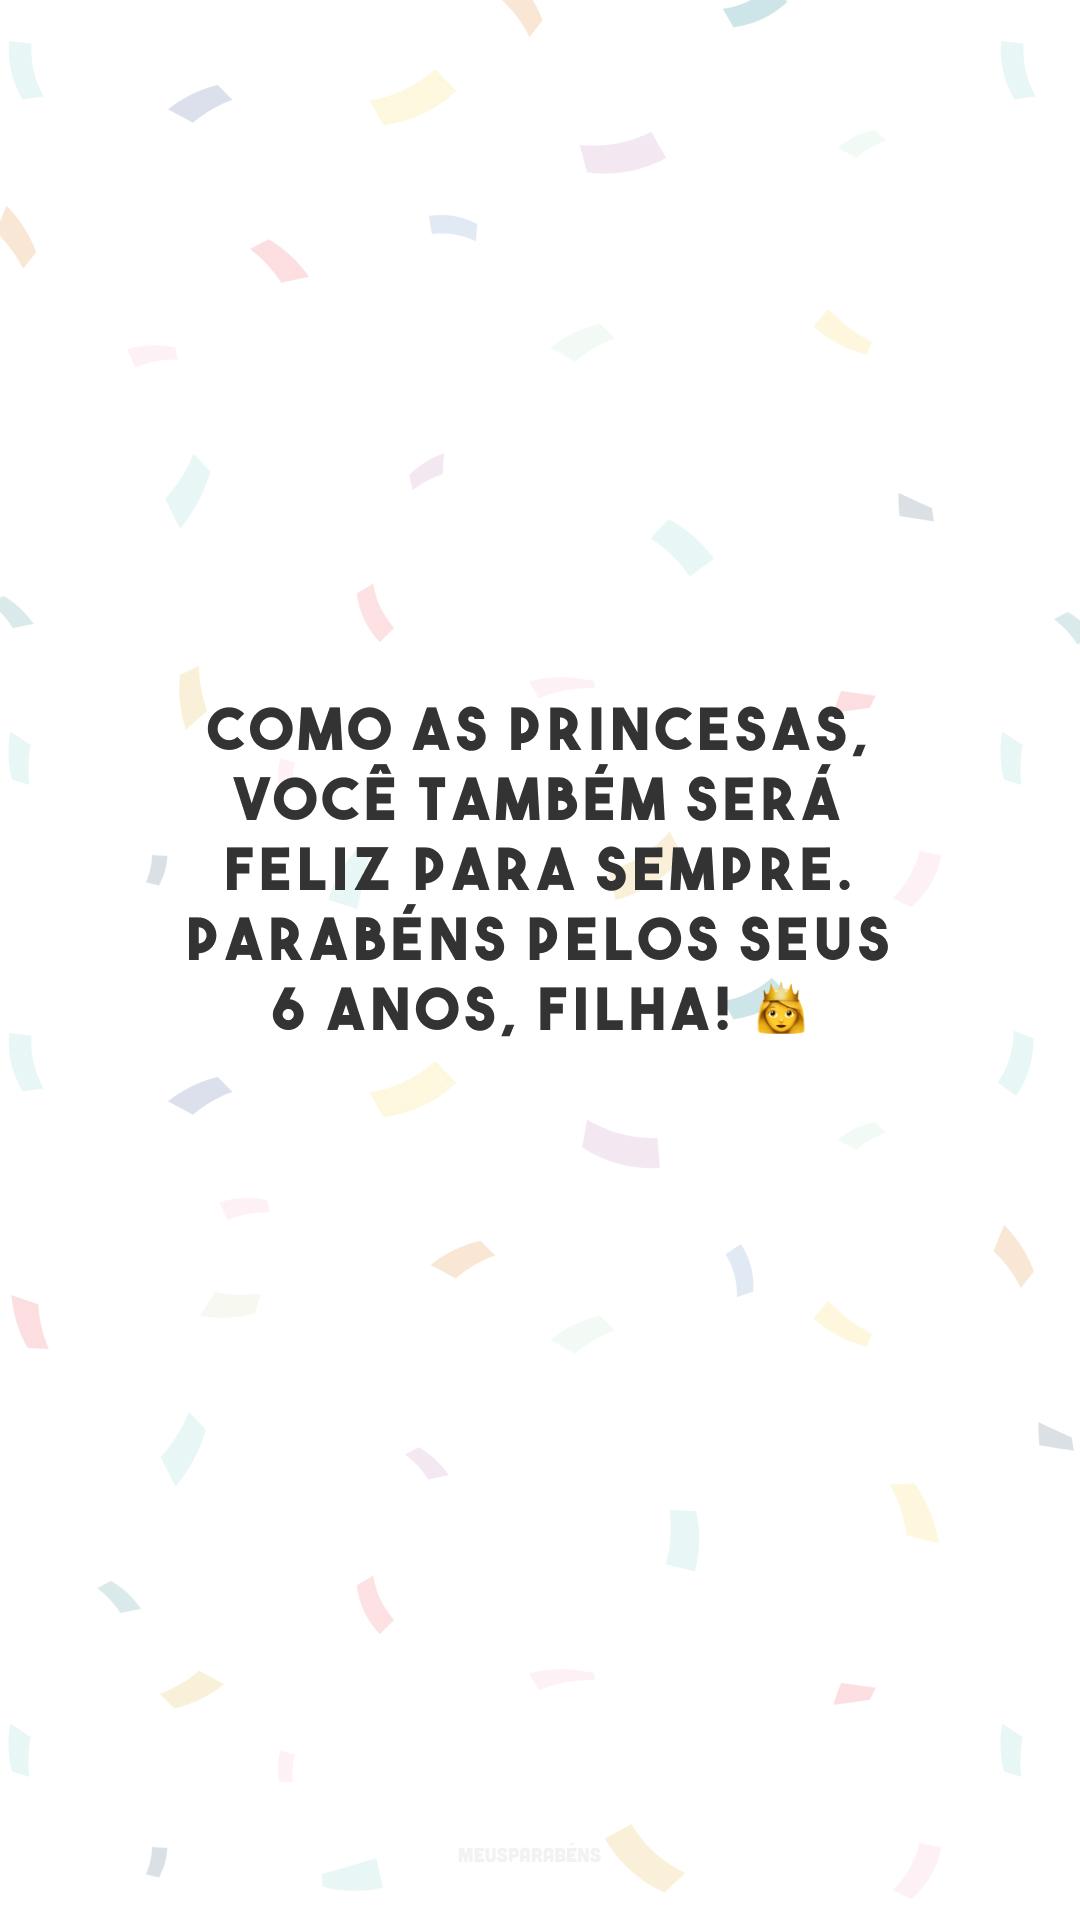 Como as princesas, você também será feliz para sempre. Parabéns pelos seus 6 anos, filha! 👸